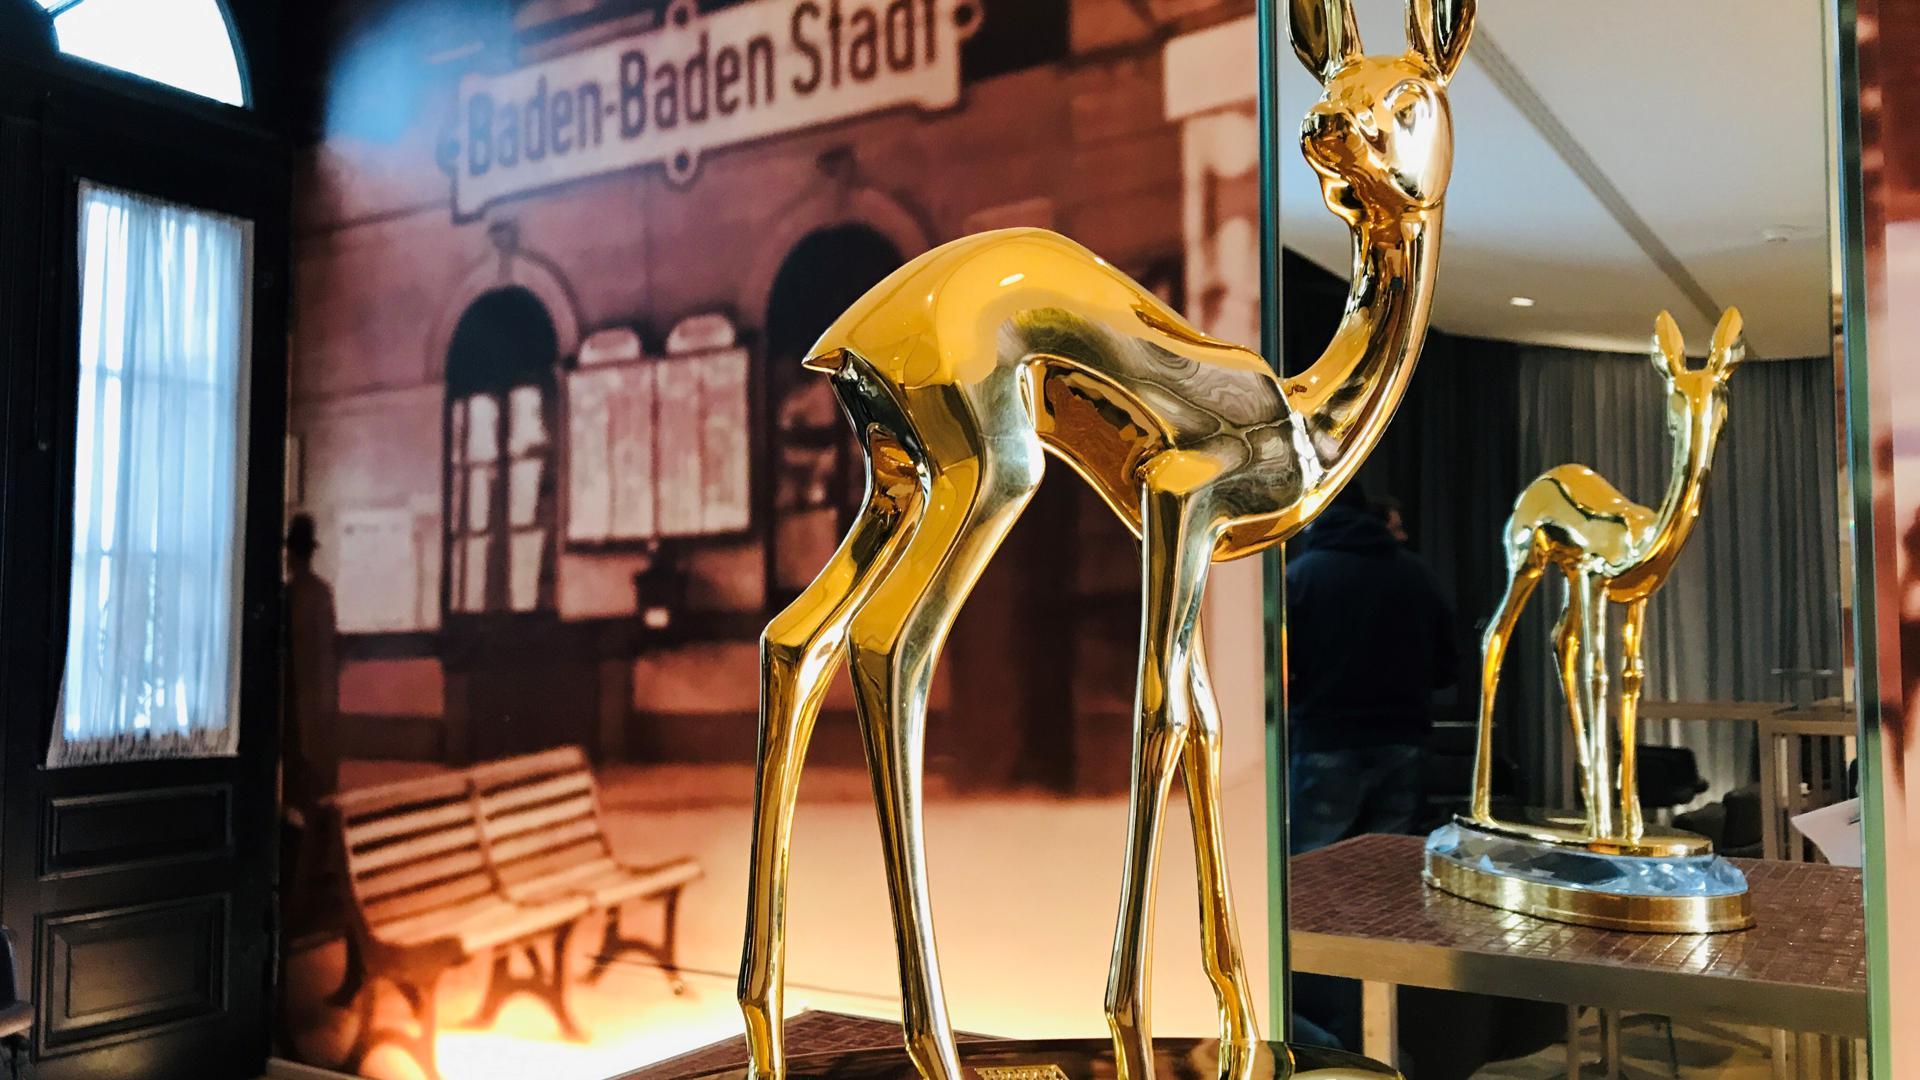 Ein vergoldetes Bambi steht vor einem Spiegel im Festspielhaus